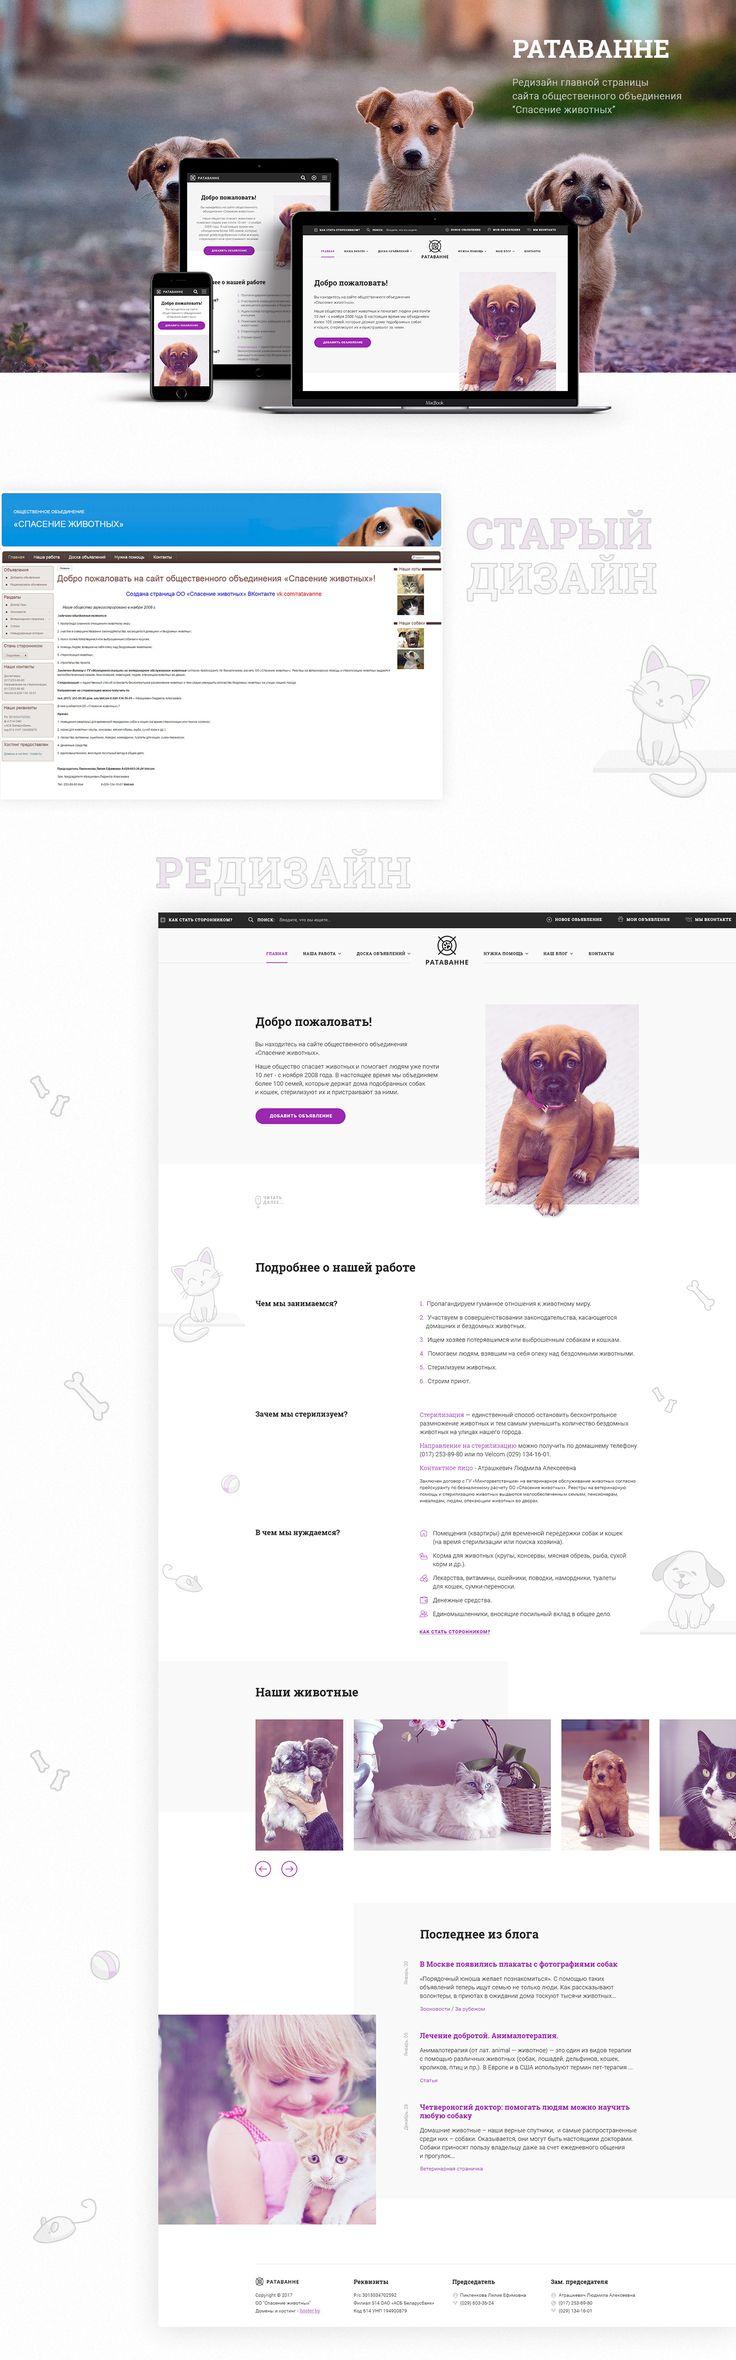 """Ре-дизайн главной страницы сайта общественного объединение """"Спасение животных"""" (ratavanne.org)."""